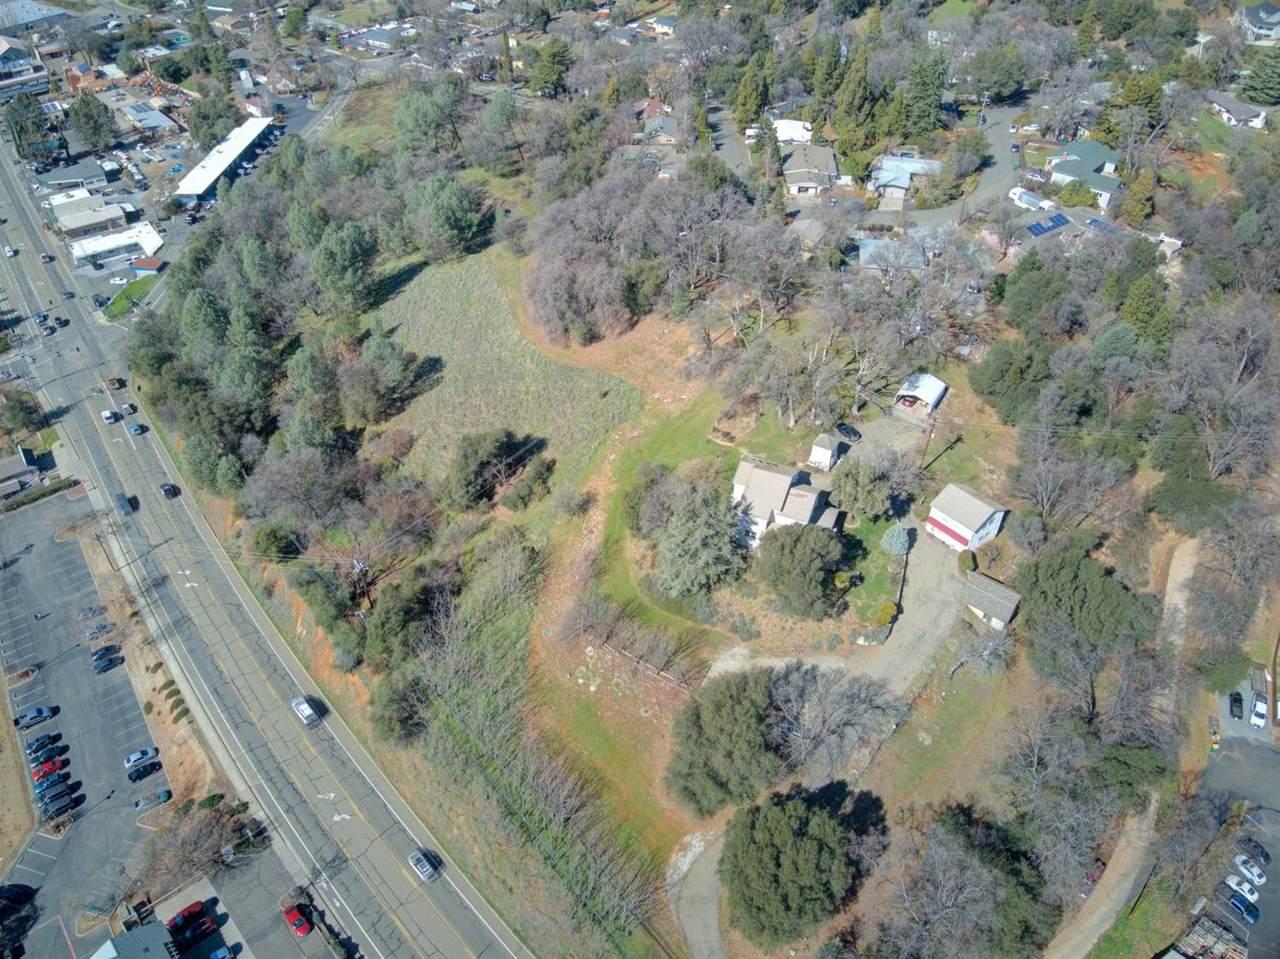 665 Placerville Drive Drive - Photo 1